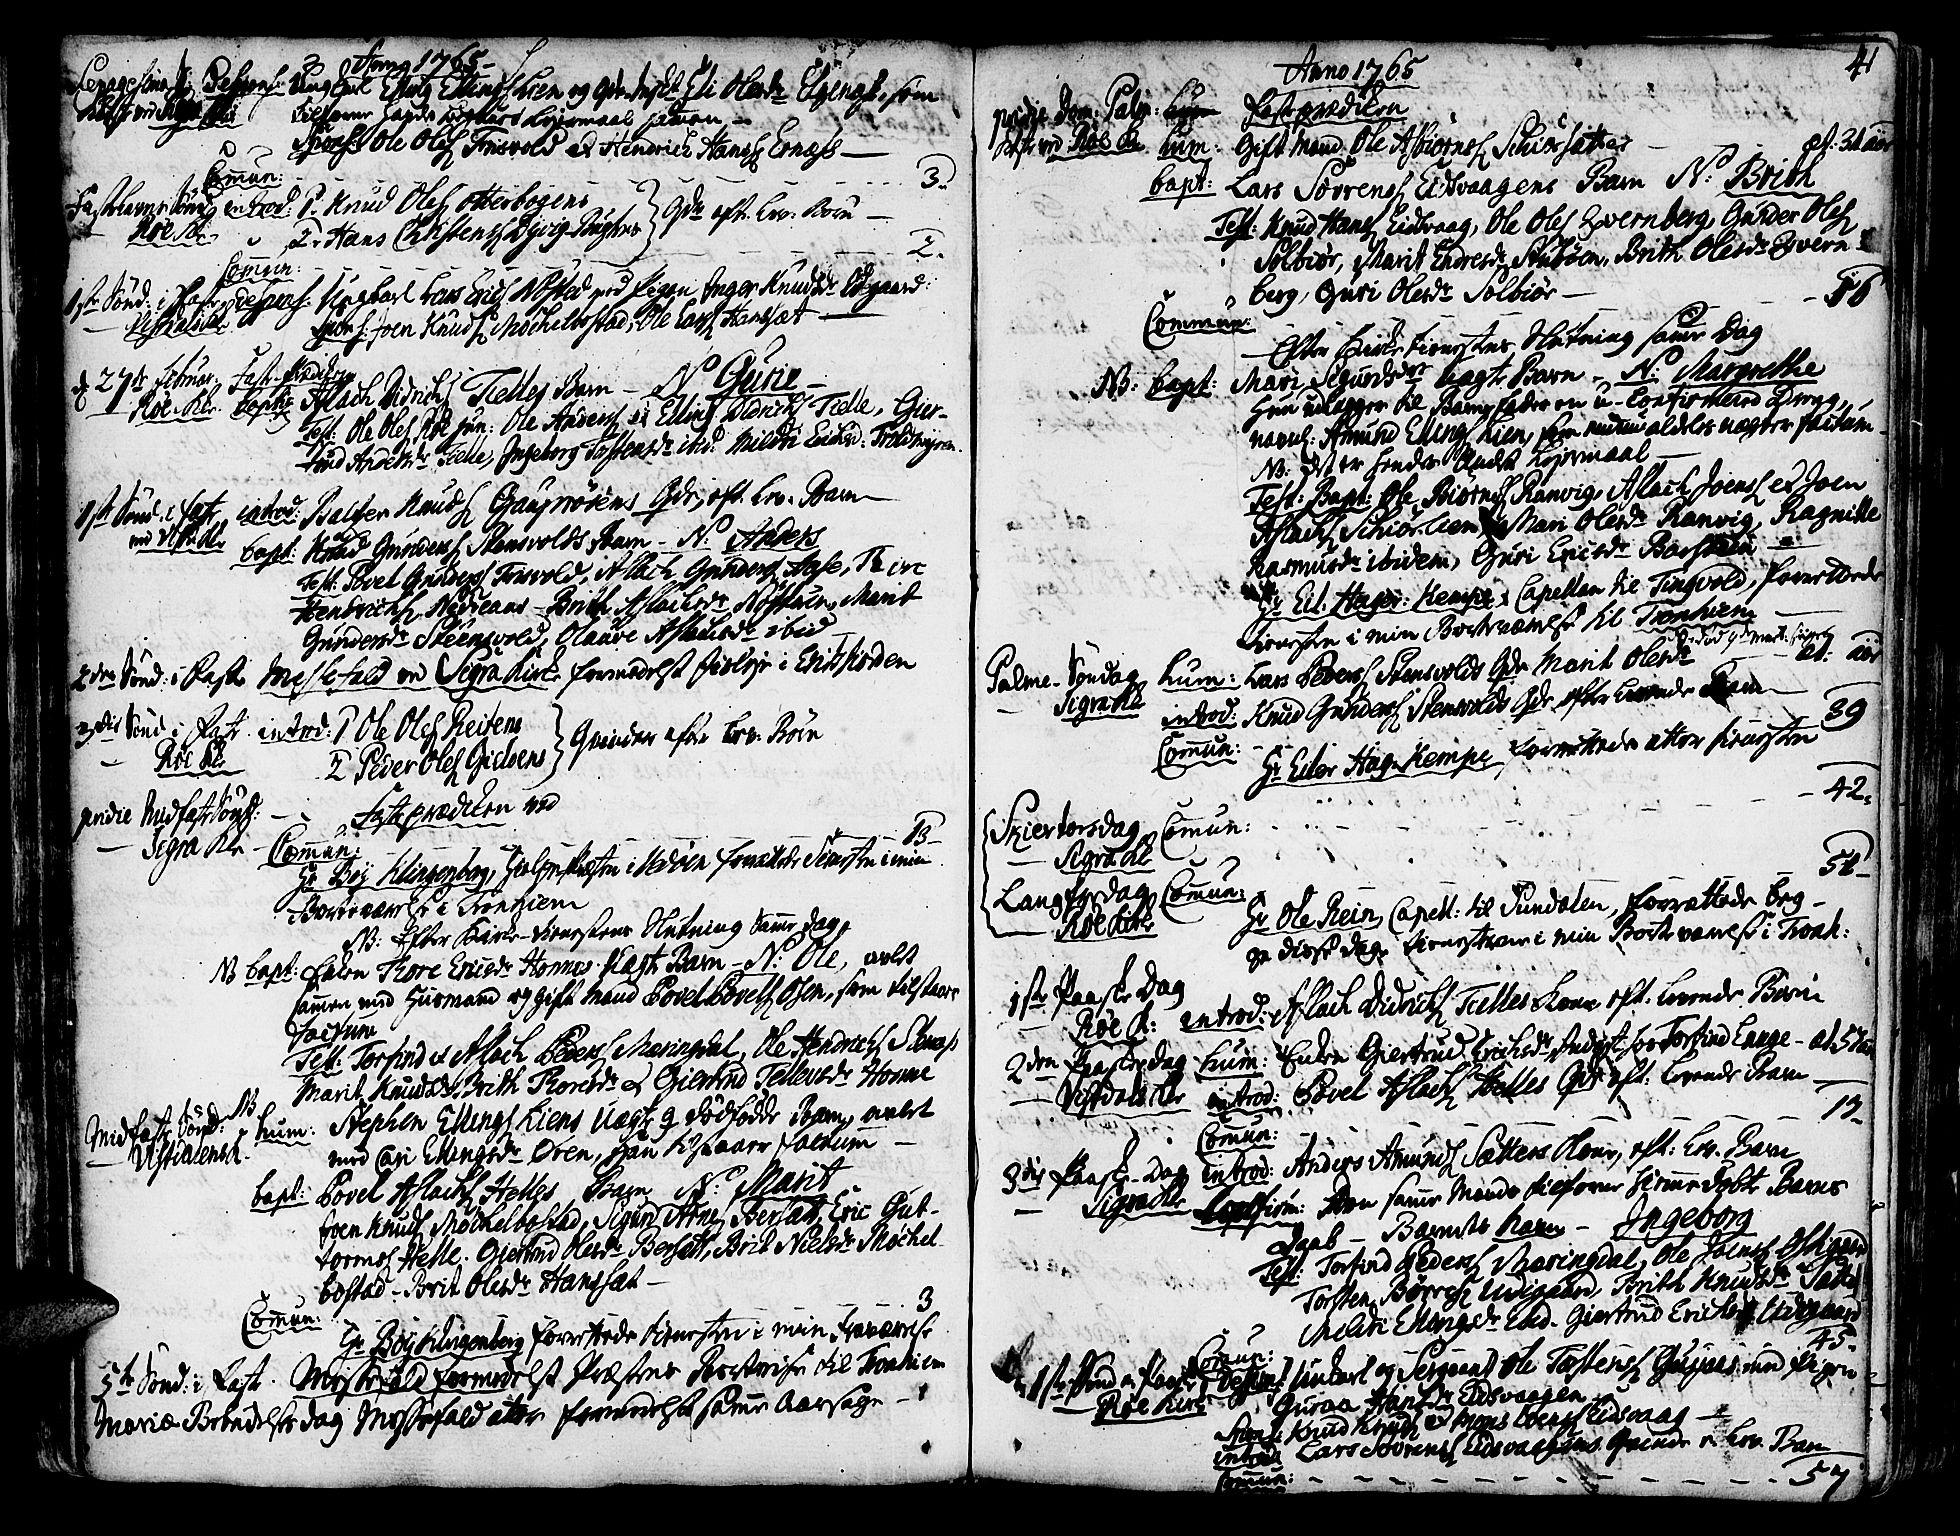 SAT, Ministerialprotokoller, klokkerbøker og fødselsregistre - Møre og Romsdal, 551/L0621: Parish register (official) no. 551A01, 1757-1803, p. 41